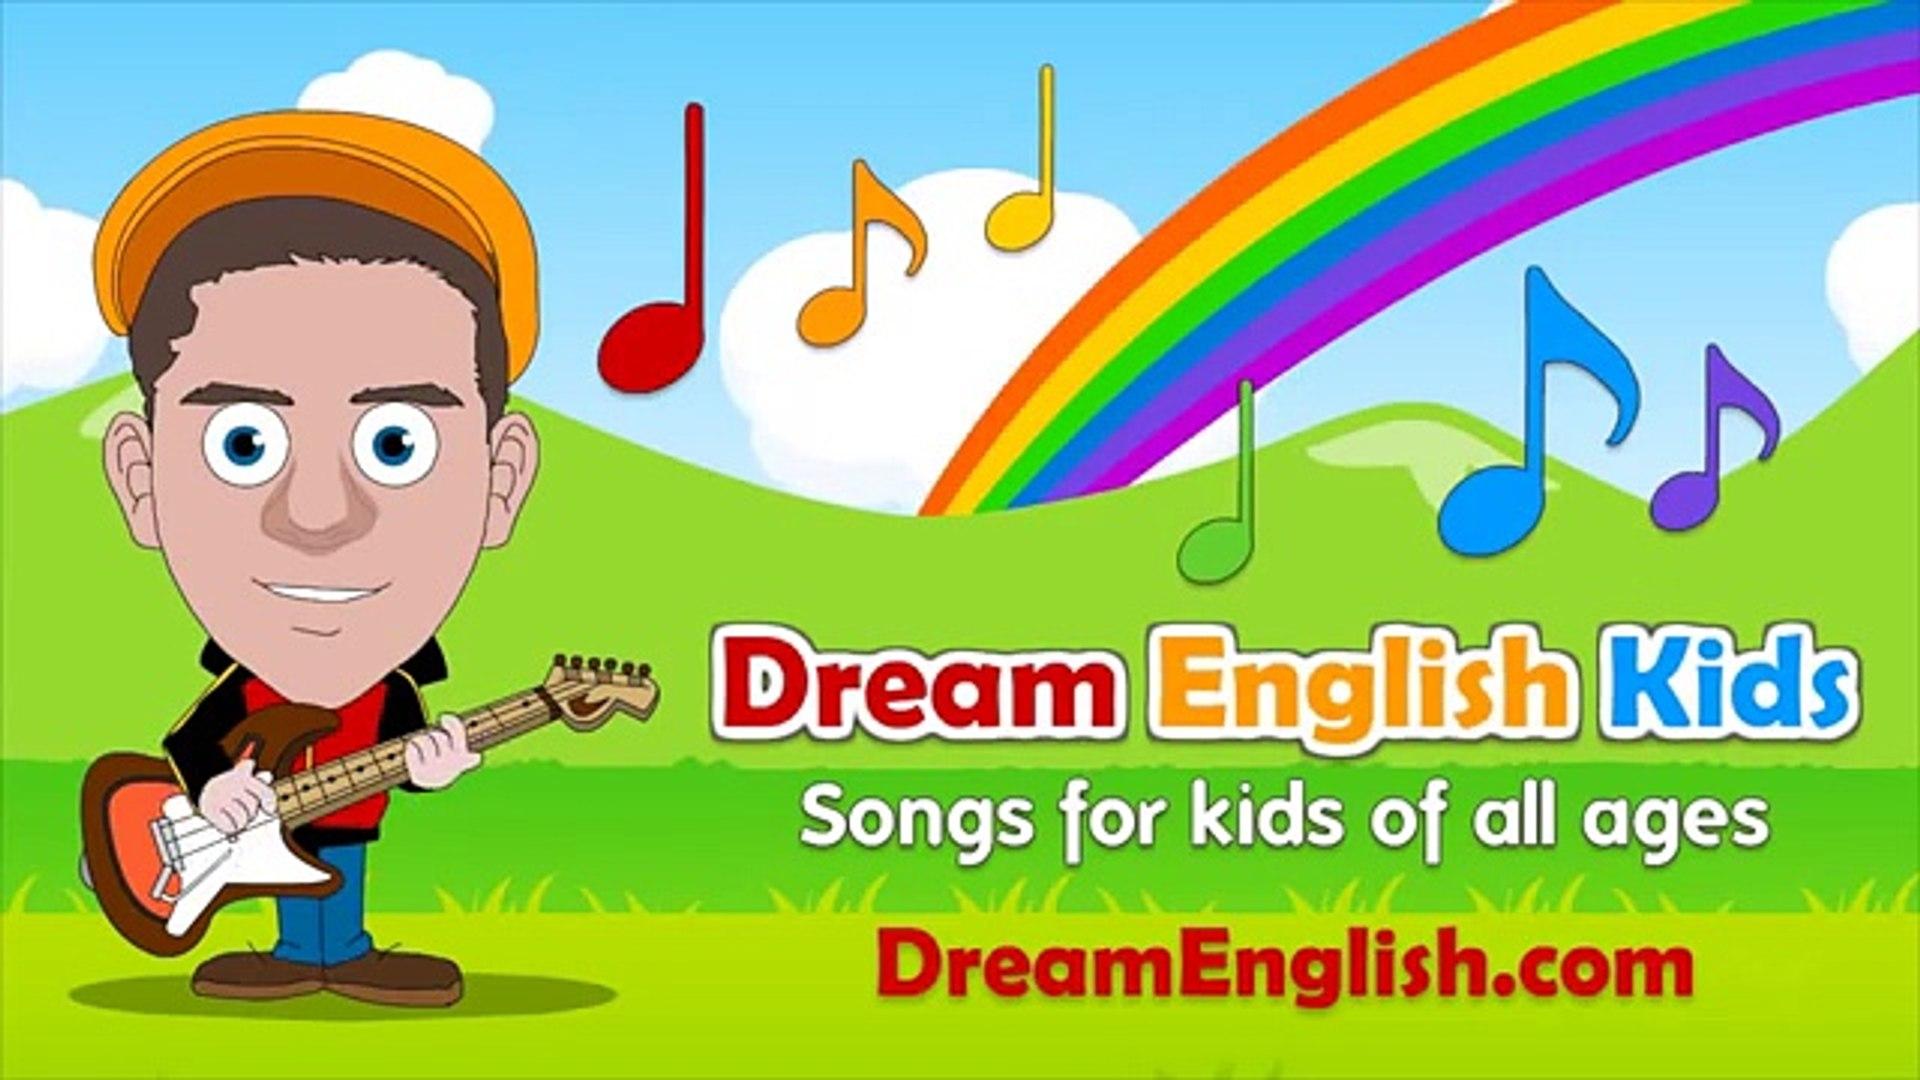 Các video và bài hát của Dream Eng Kids được thiết kế để phù hợp với trẻ nhỏ